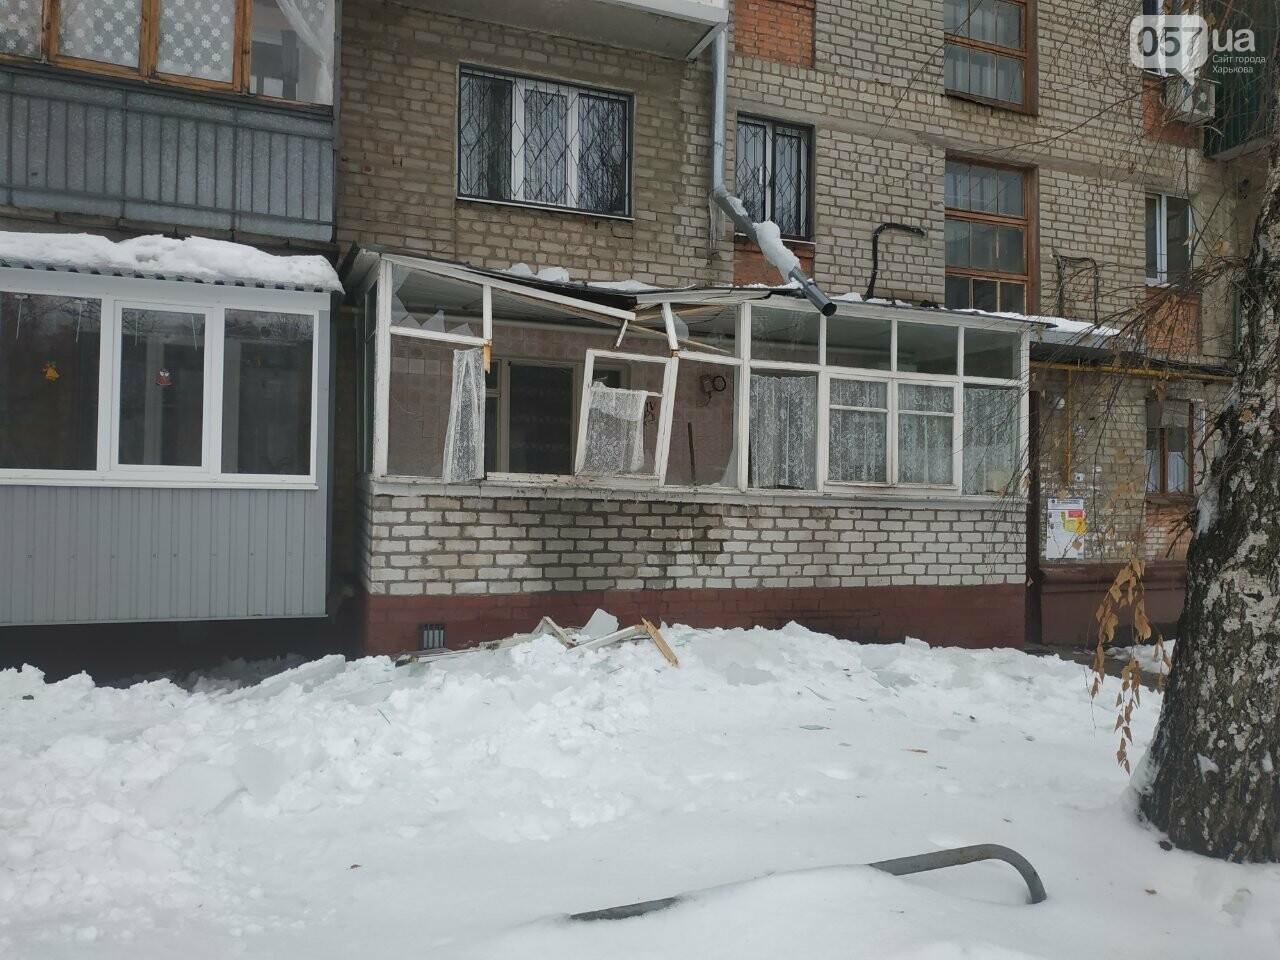 На Новых домах упавшая глыба льда разнесла балкон квартиры пенсионерки, - ФОТО, фото-1